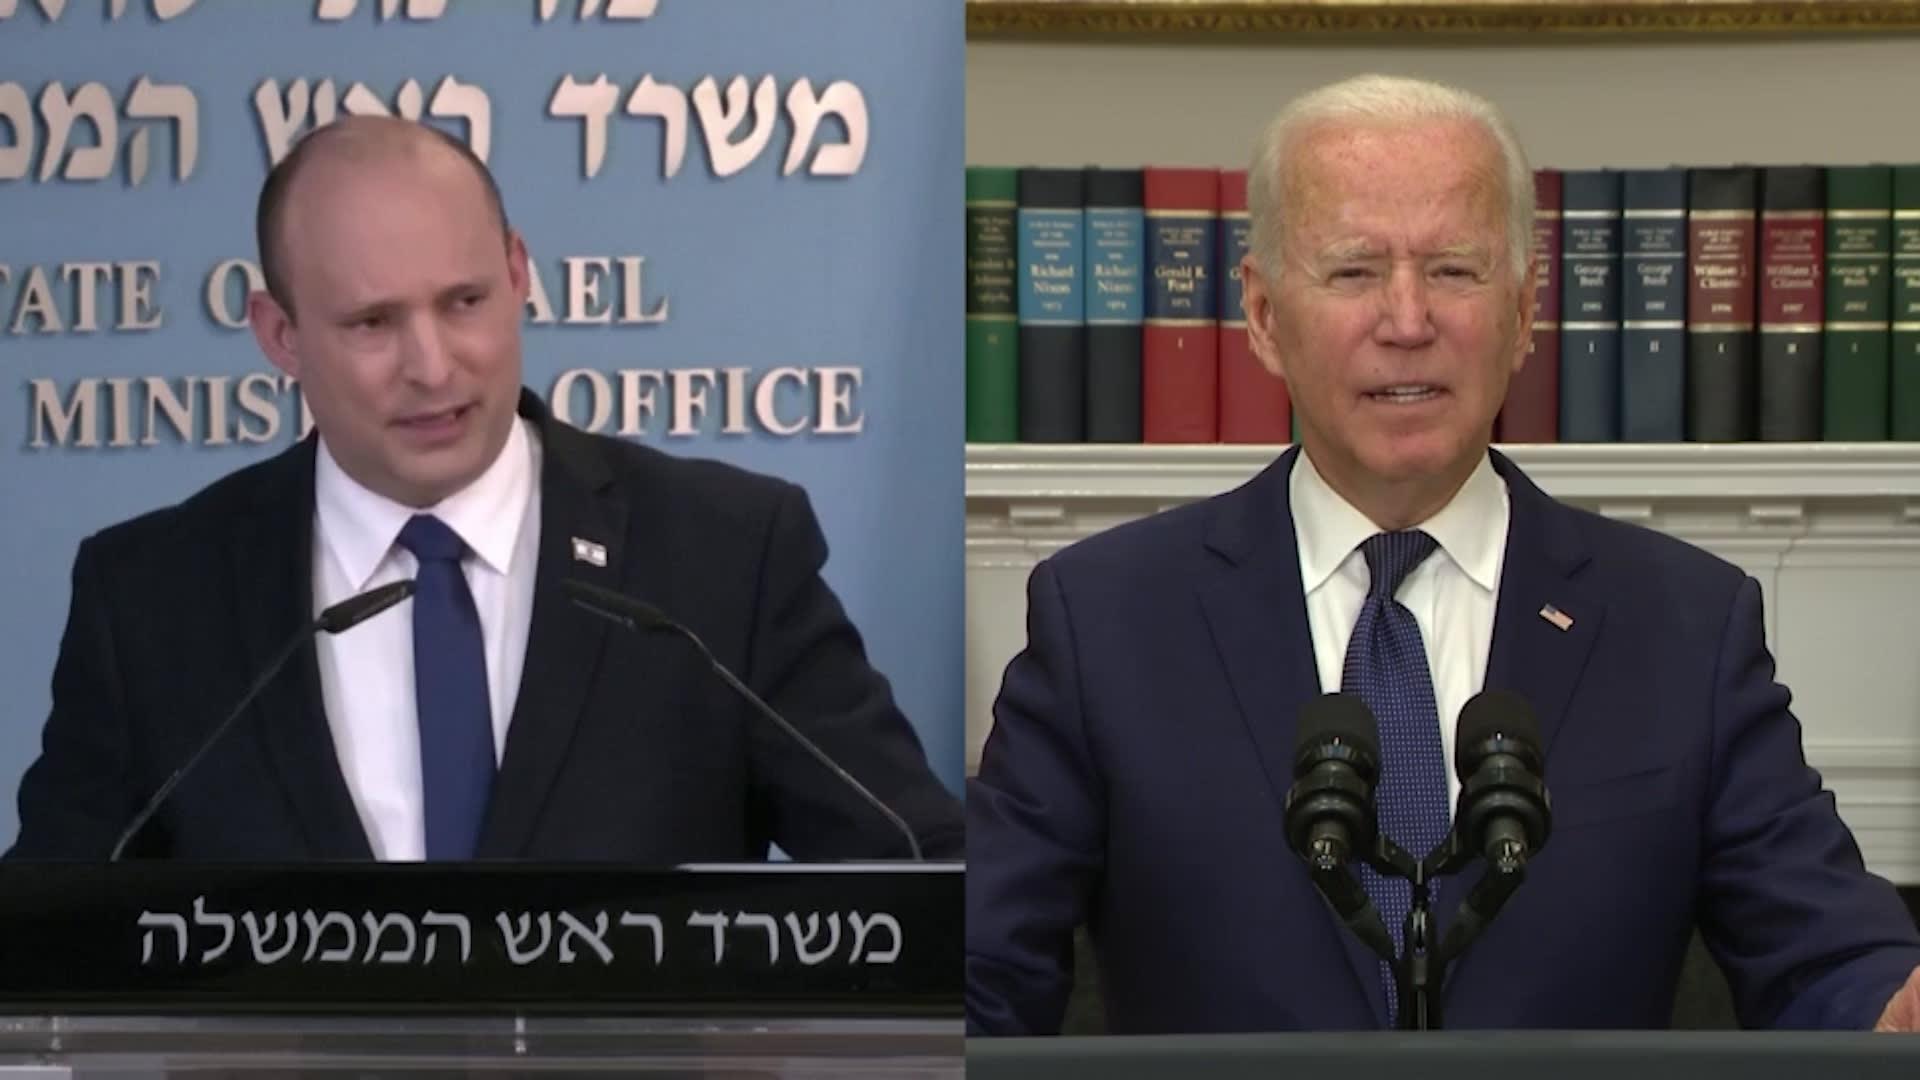 """""""استراتيجية شاملة"""" لمواجهة إيران.. ما أهداف زيارة رئيس وزراء إسرائيل لأمريكا؟"""